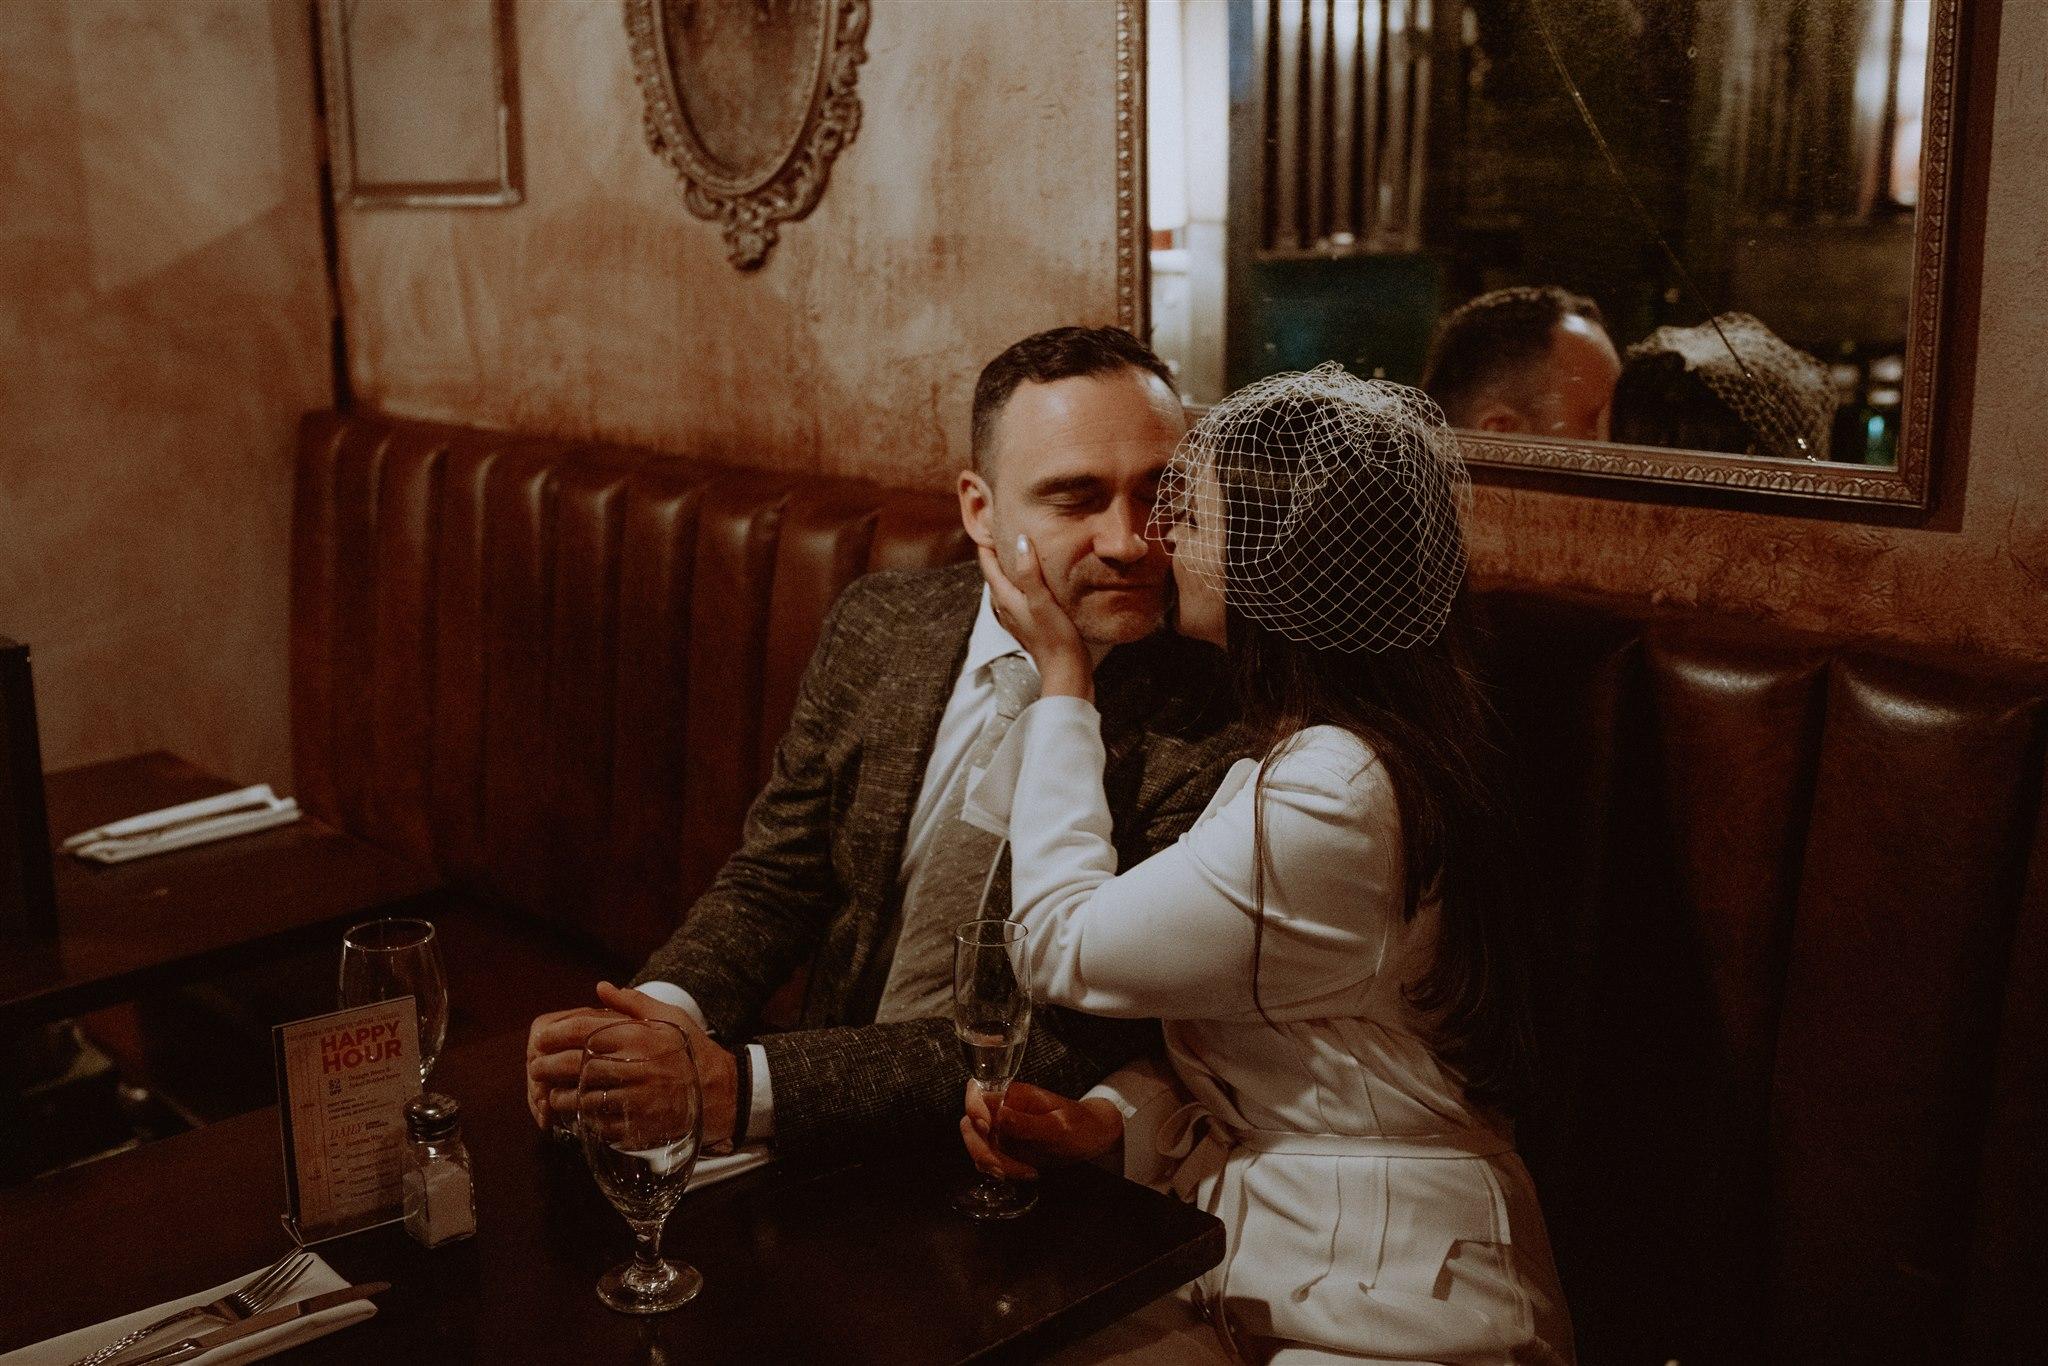 Chellise_Michael_Photography_Ramona_Brooklyn_Wedding_Photographer-206.jpg